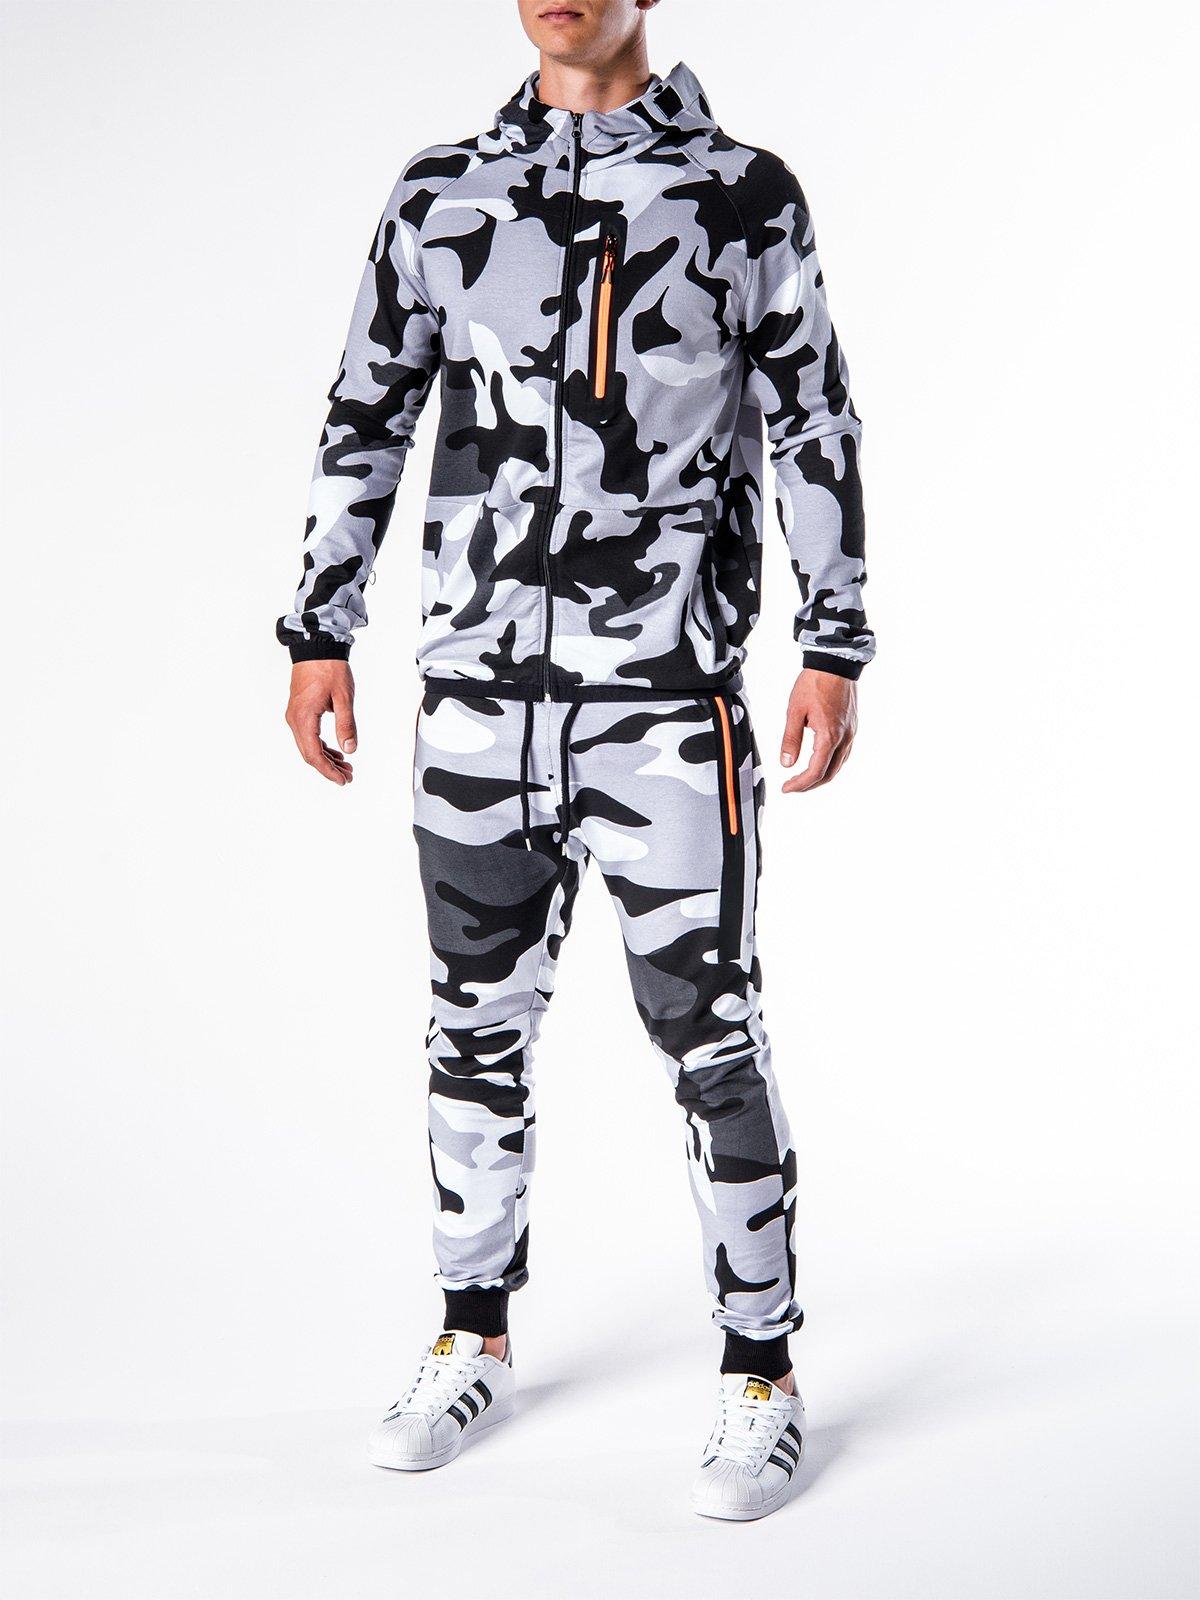 Komplet MĘski Bluza + Spodnie Z17 - Czarny/biaŁy